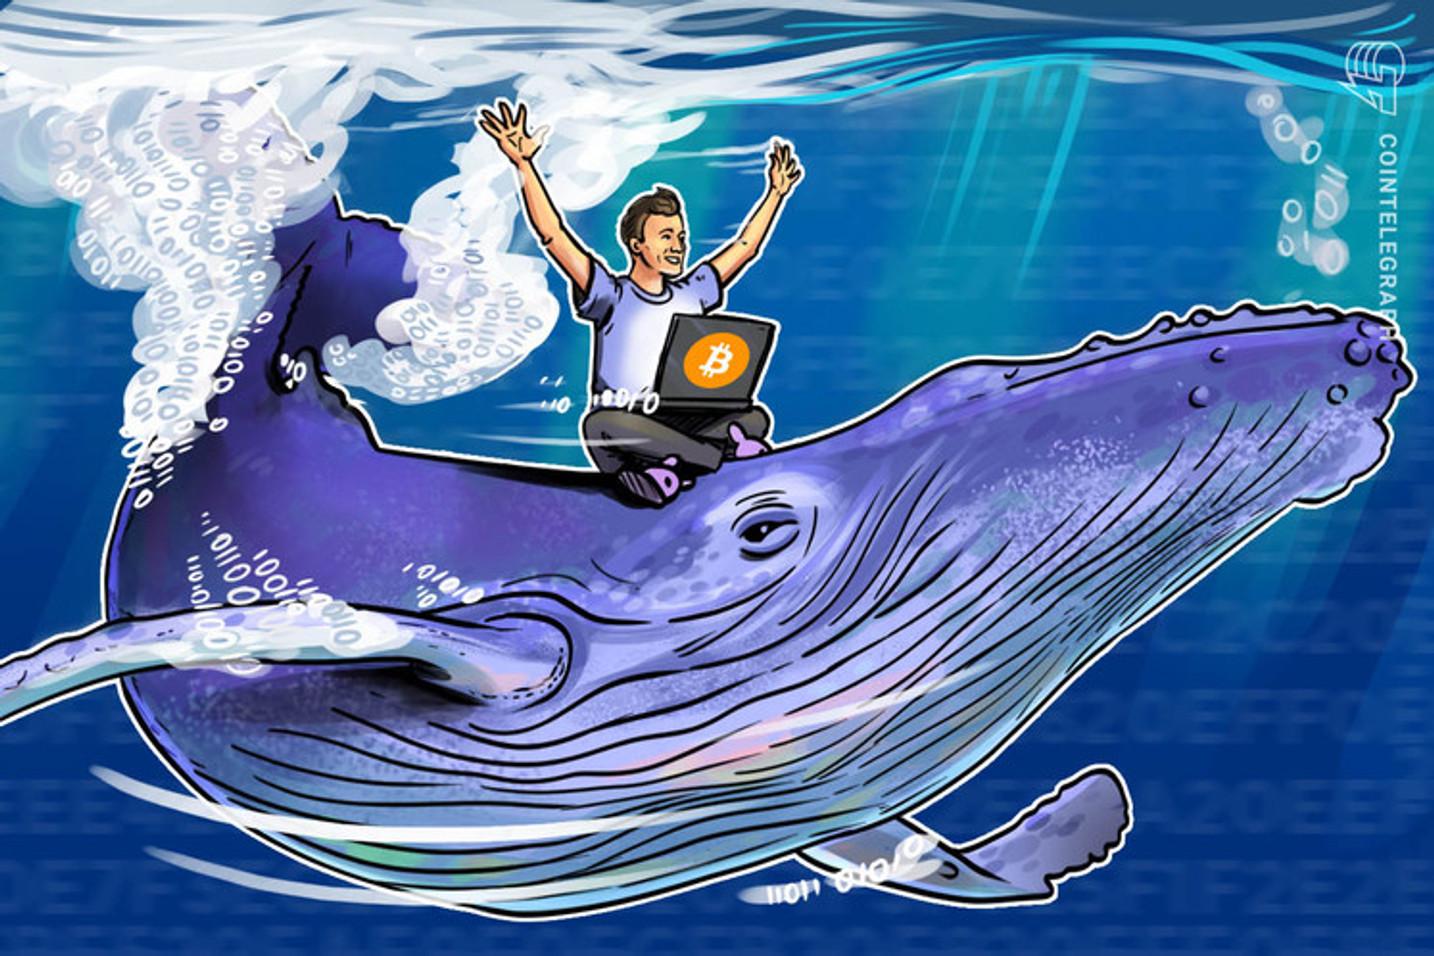 Ballenas mueven Bitcoin y Ethereum a medida que los precios del mercado se recuperan